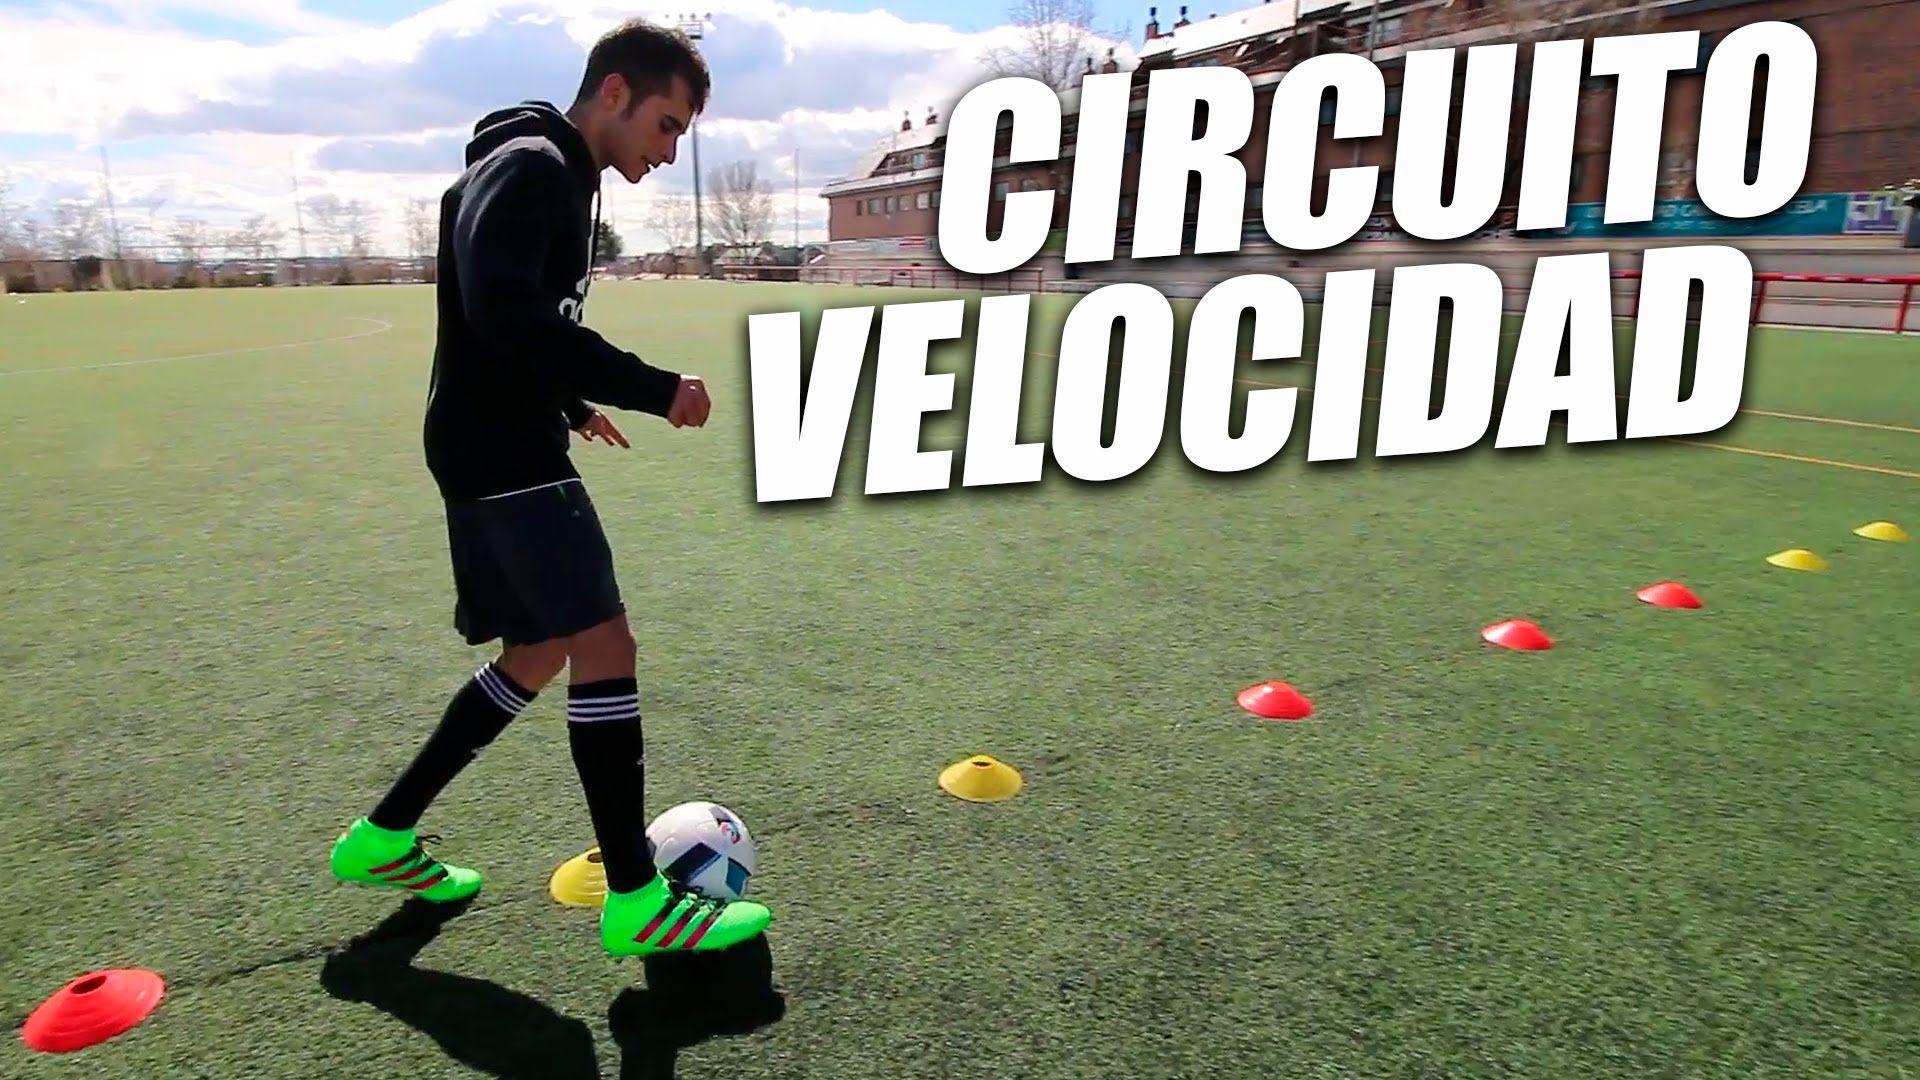 Como Aumentar Tu Velocidad En Fútbol Circuito Básico Velocidad Y Agilidad Entrenamientos Fútbol Entrenamiento Futbol Entrenamiento Fútbol